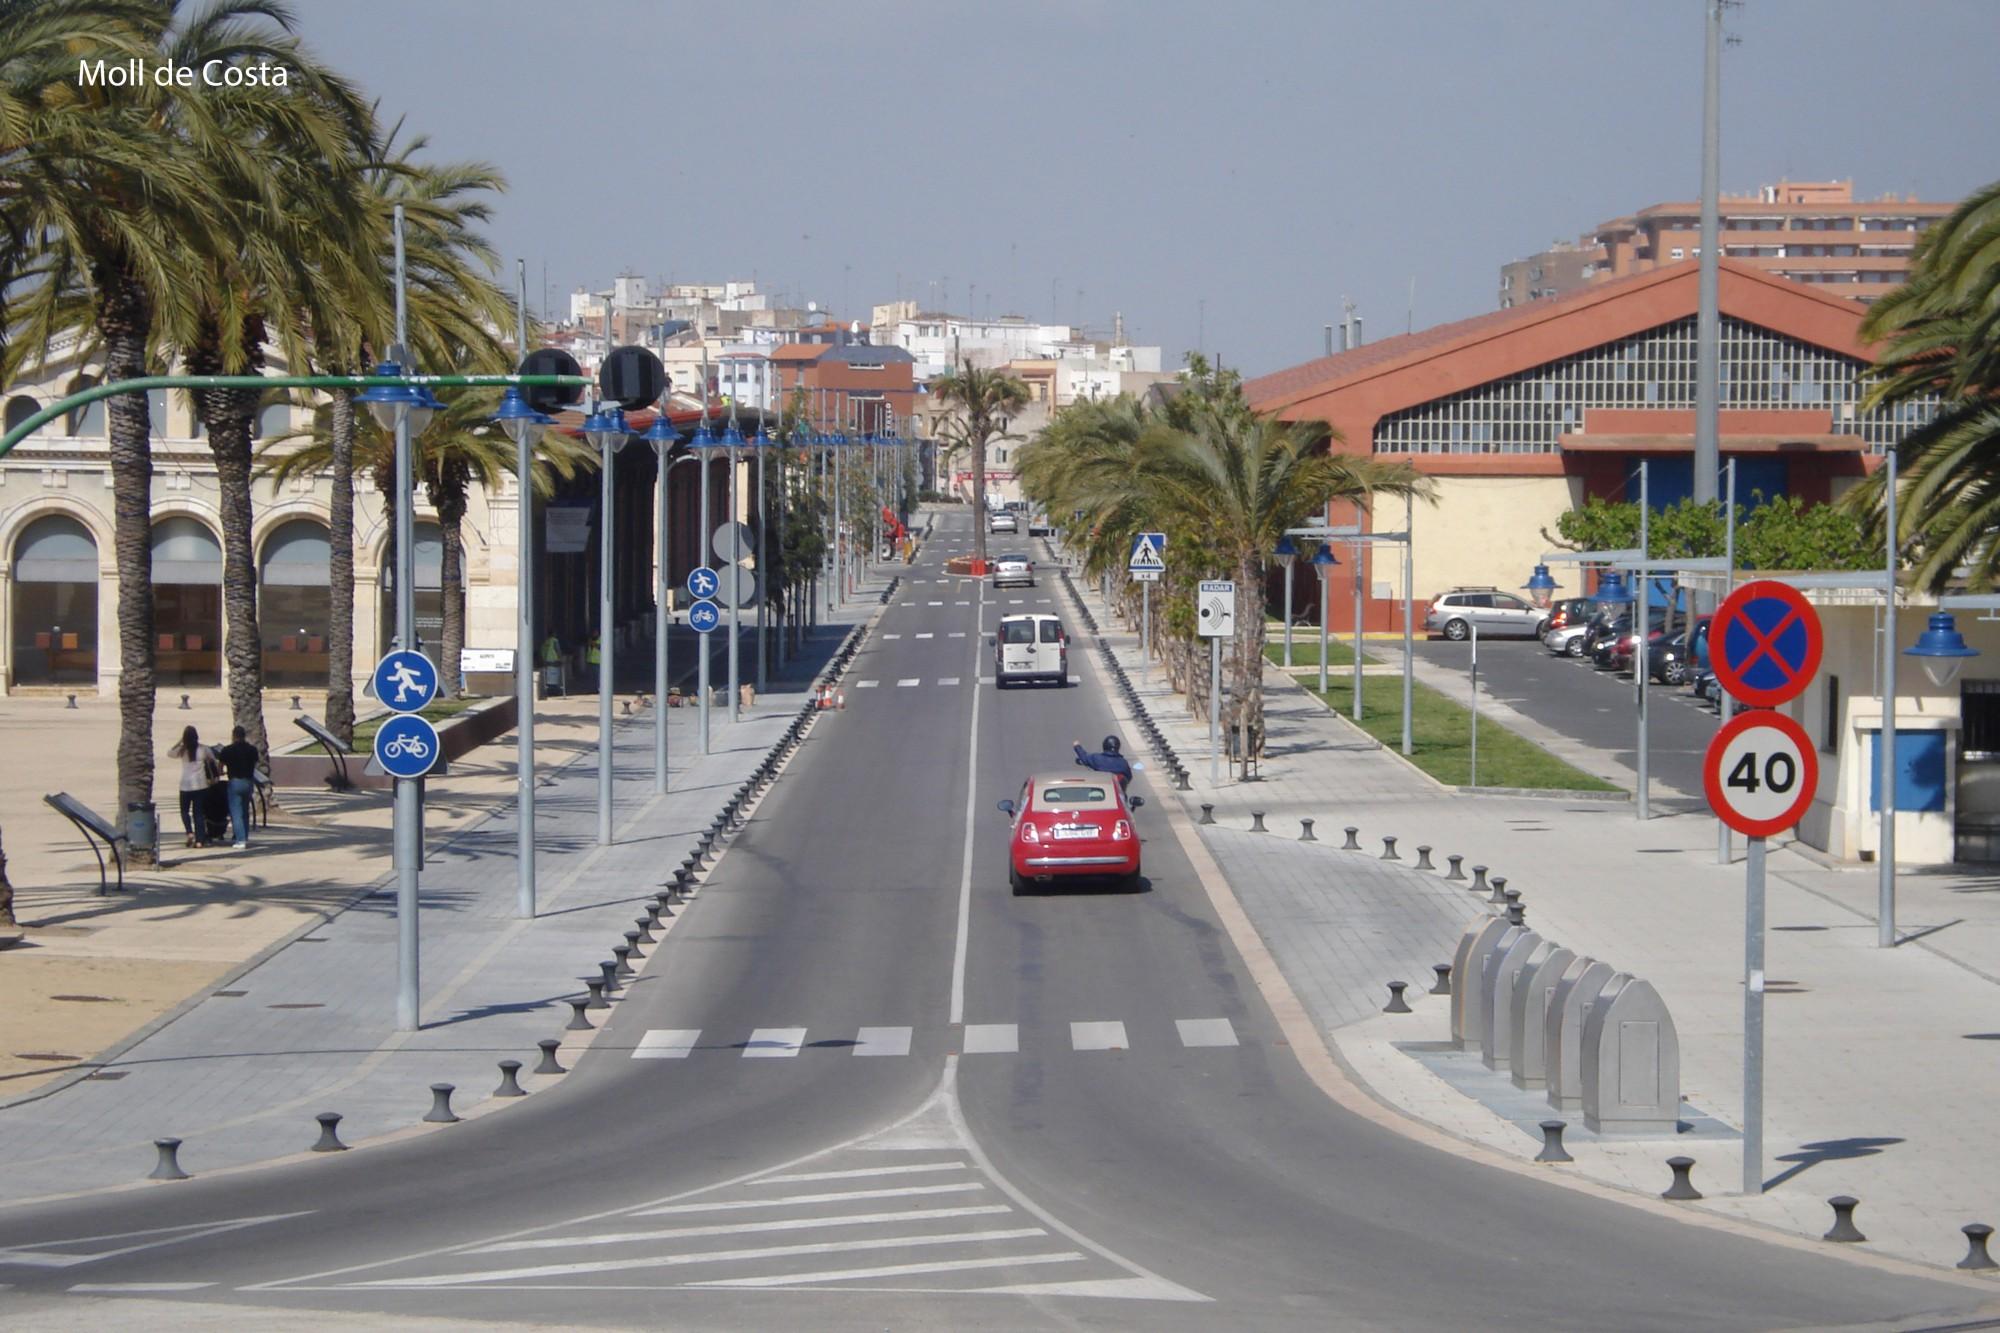 Moll de Costa Tarragona